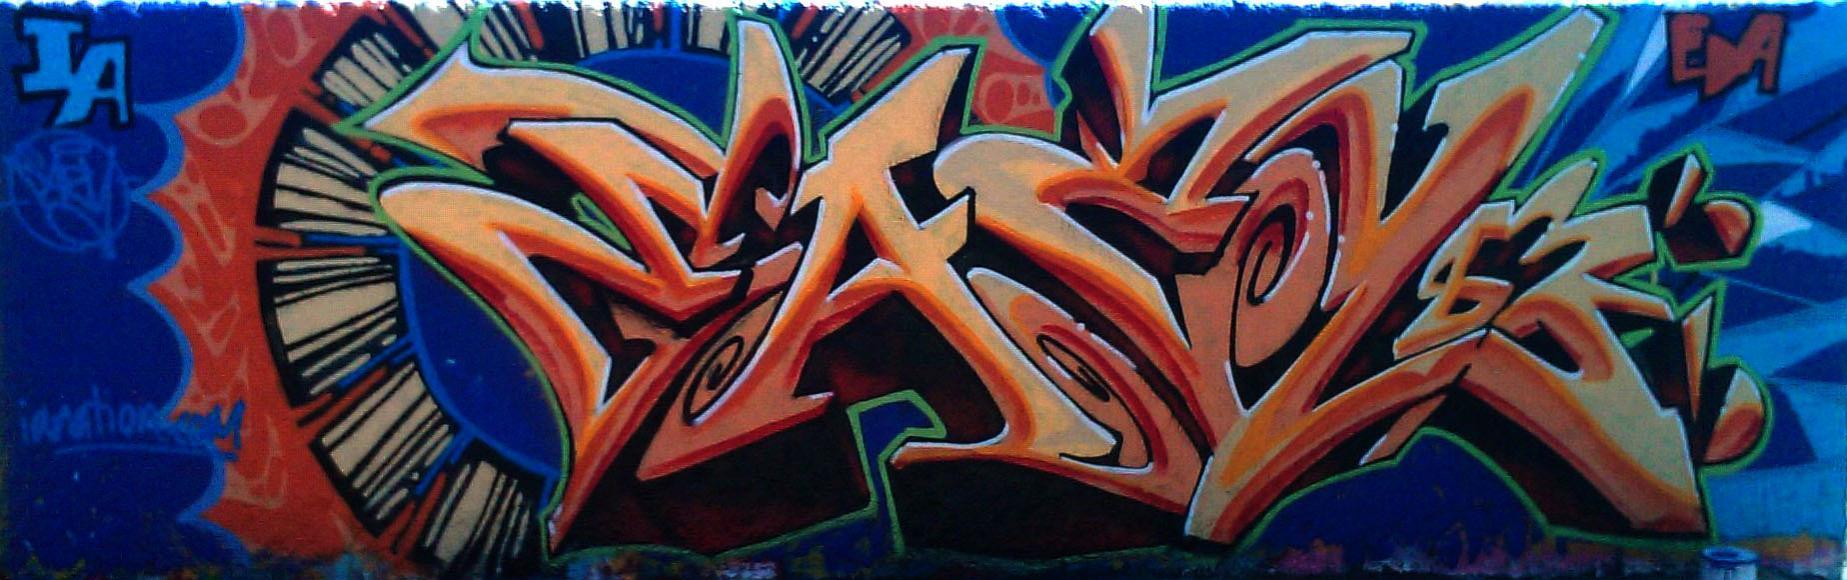 Eazy83.HeatingUpZ.May2009.jpg